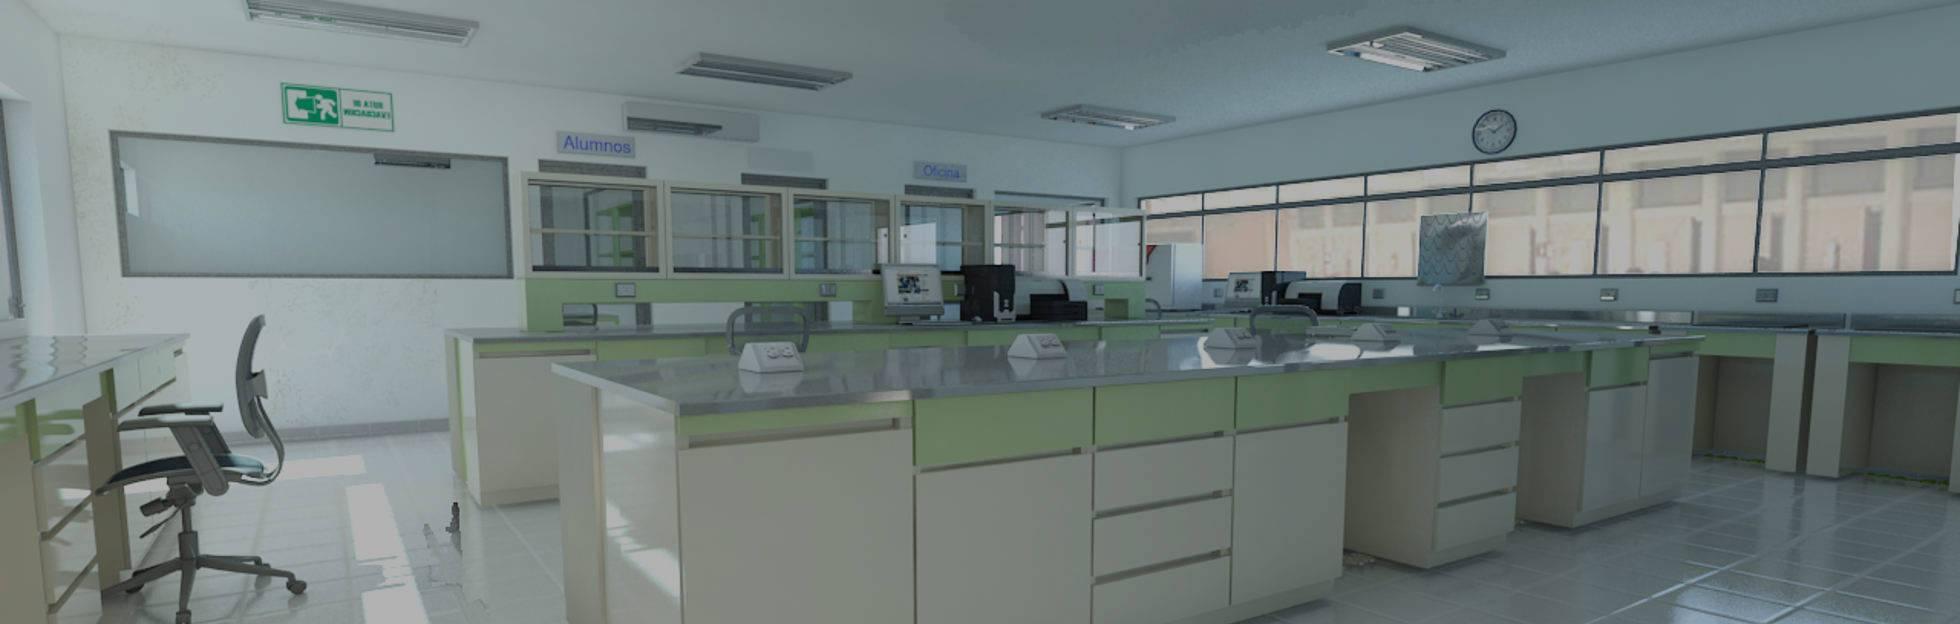 Dabrielo Dise O Y Realizaci N De Amueblamiento Para Laboratorios  # Dabrielo Muebles De Laboratorio